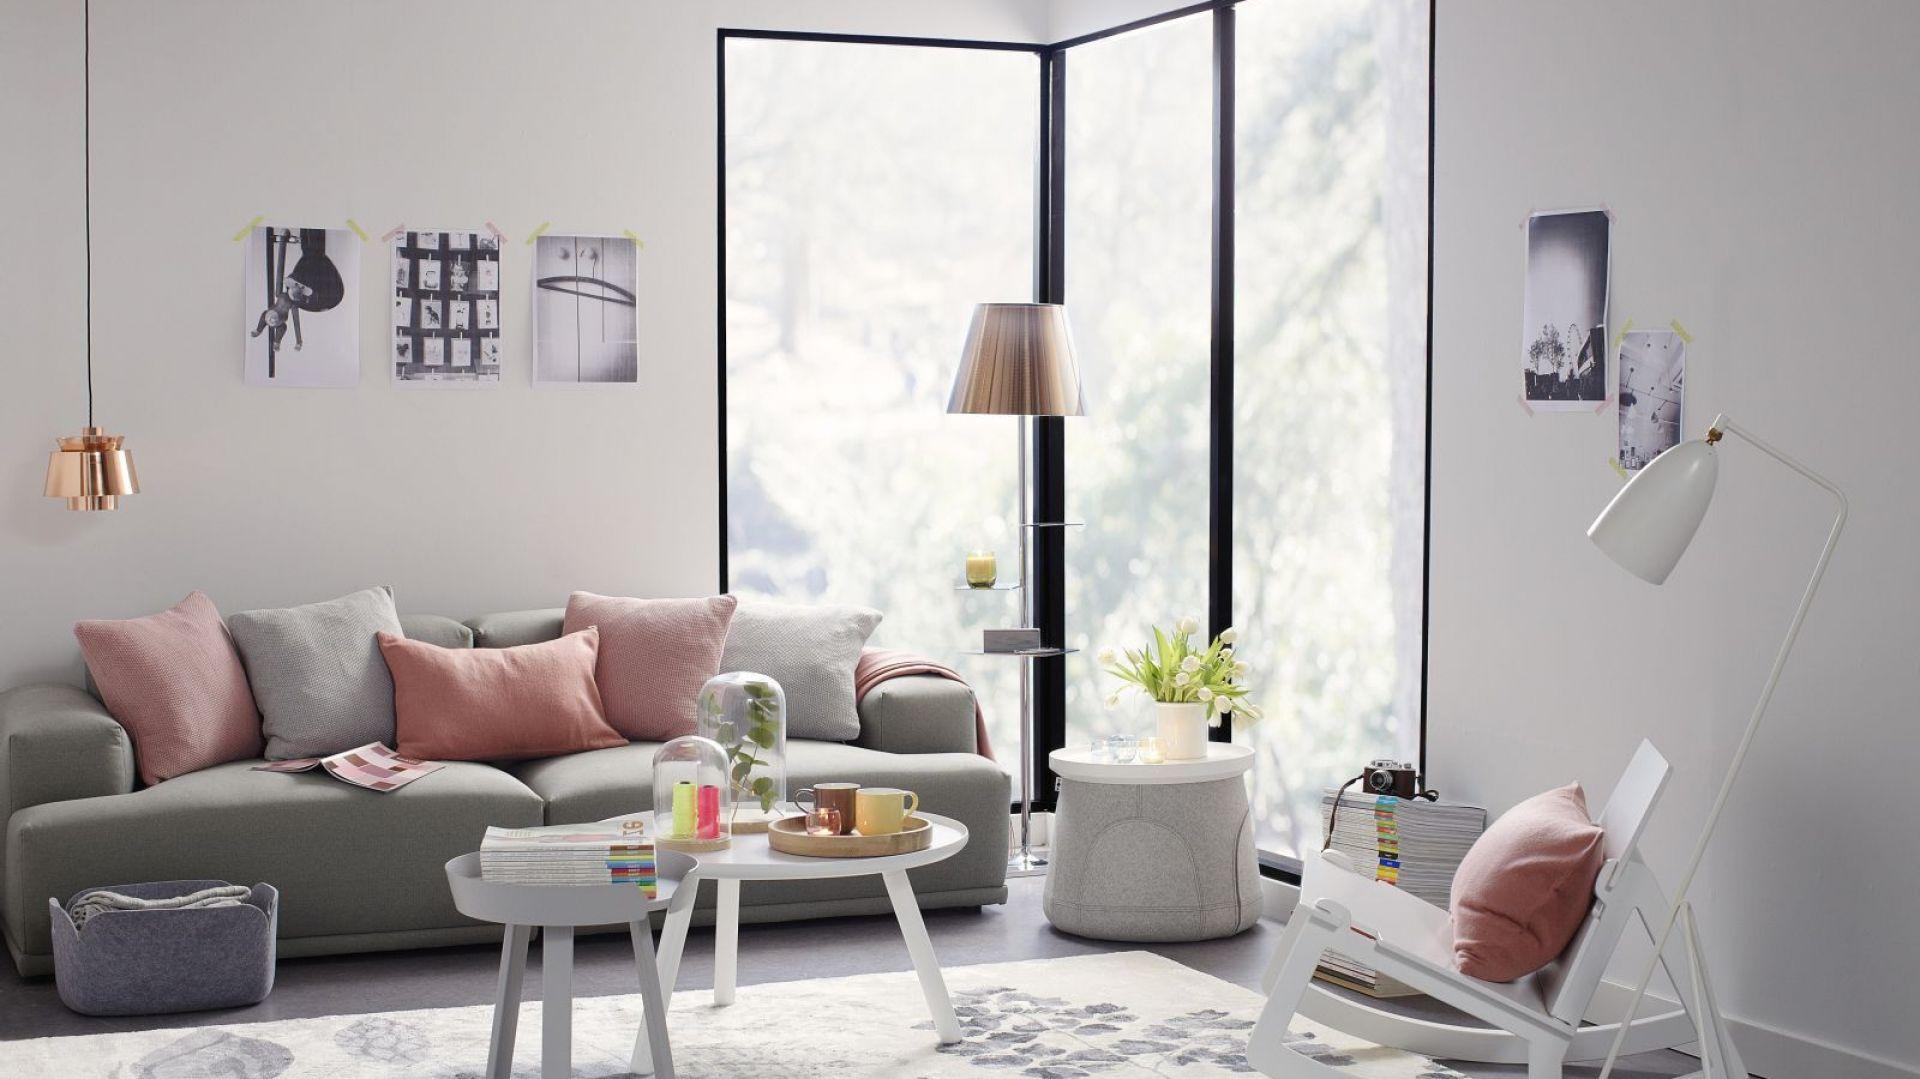 Moda na szare sofy nie przemija. Największym powodzeniem cieszą się modele w jasnych kolorach. Można je szybko ożywić dodatkami, np. pastelowymi poduszkami. Fot. Occa-Home